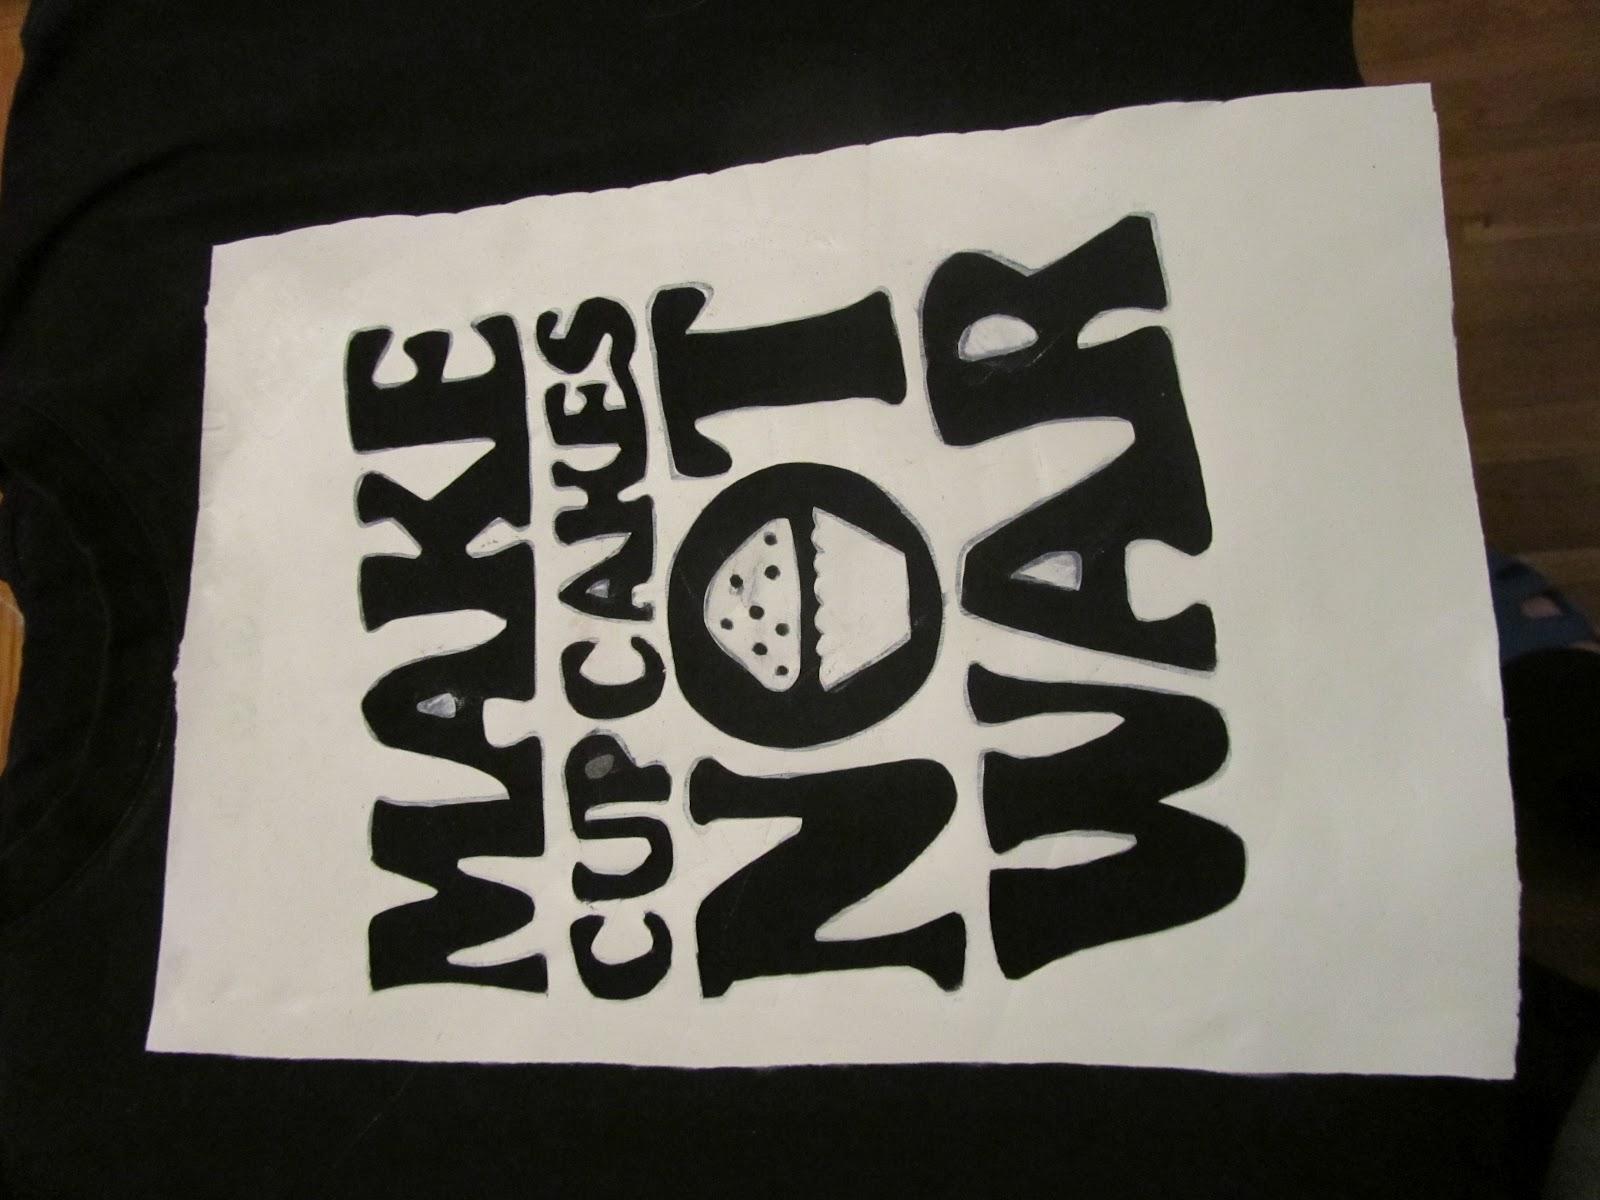 ecace3de5605 Dovnútra trička je dobré vložiť niečo aby sa farba nedostala aj na zadnú  stranu. výkres alebo sáčok alebo niečo